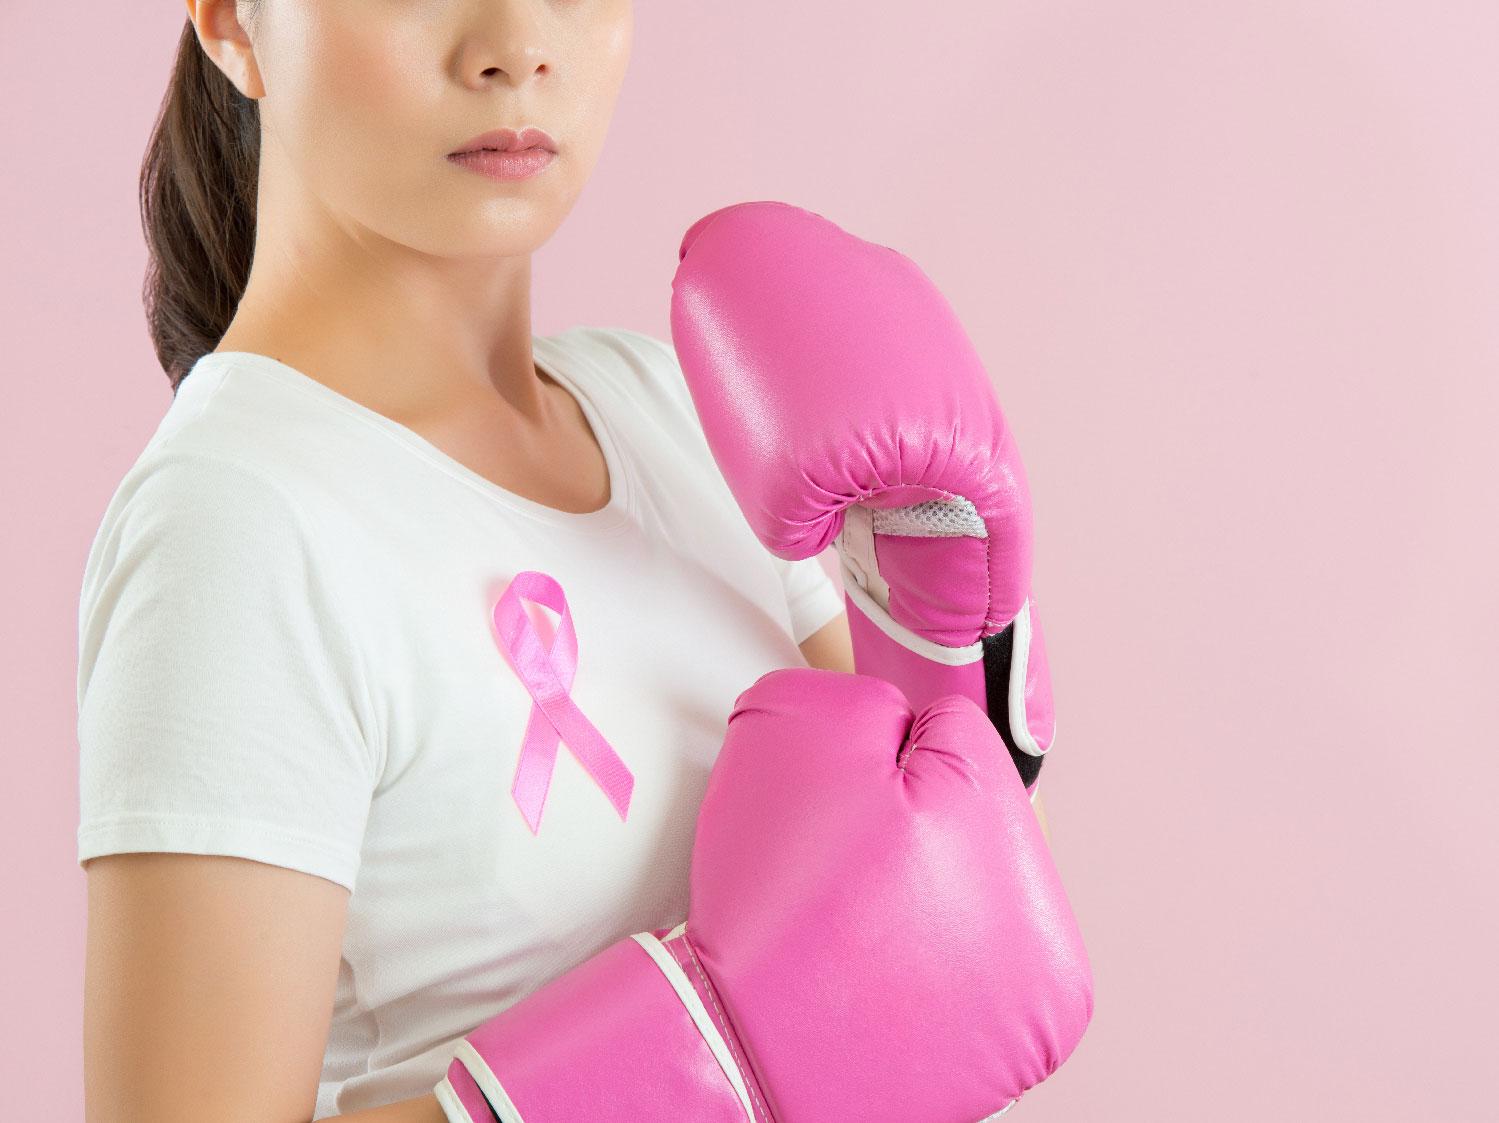 ชวนคุณผู้หญิง ตรวจคัดกรองมะเร็งเต้านม